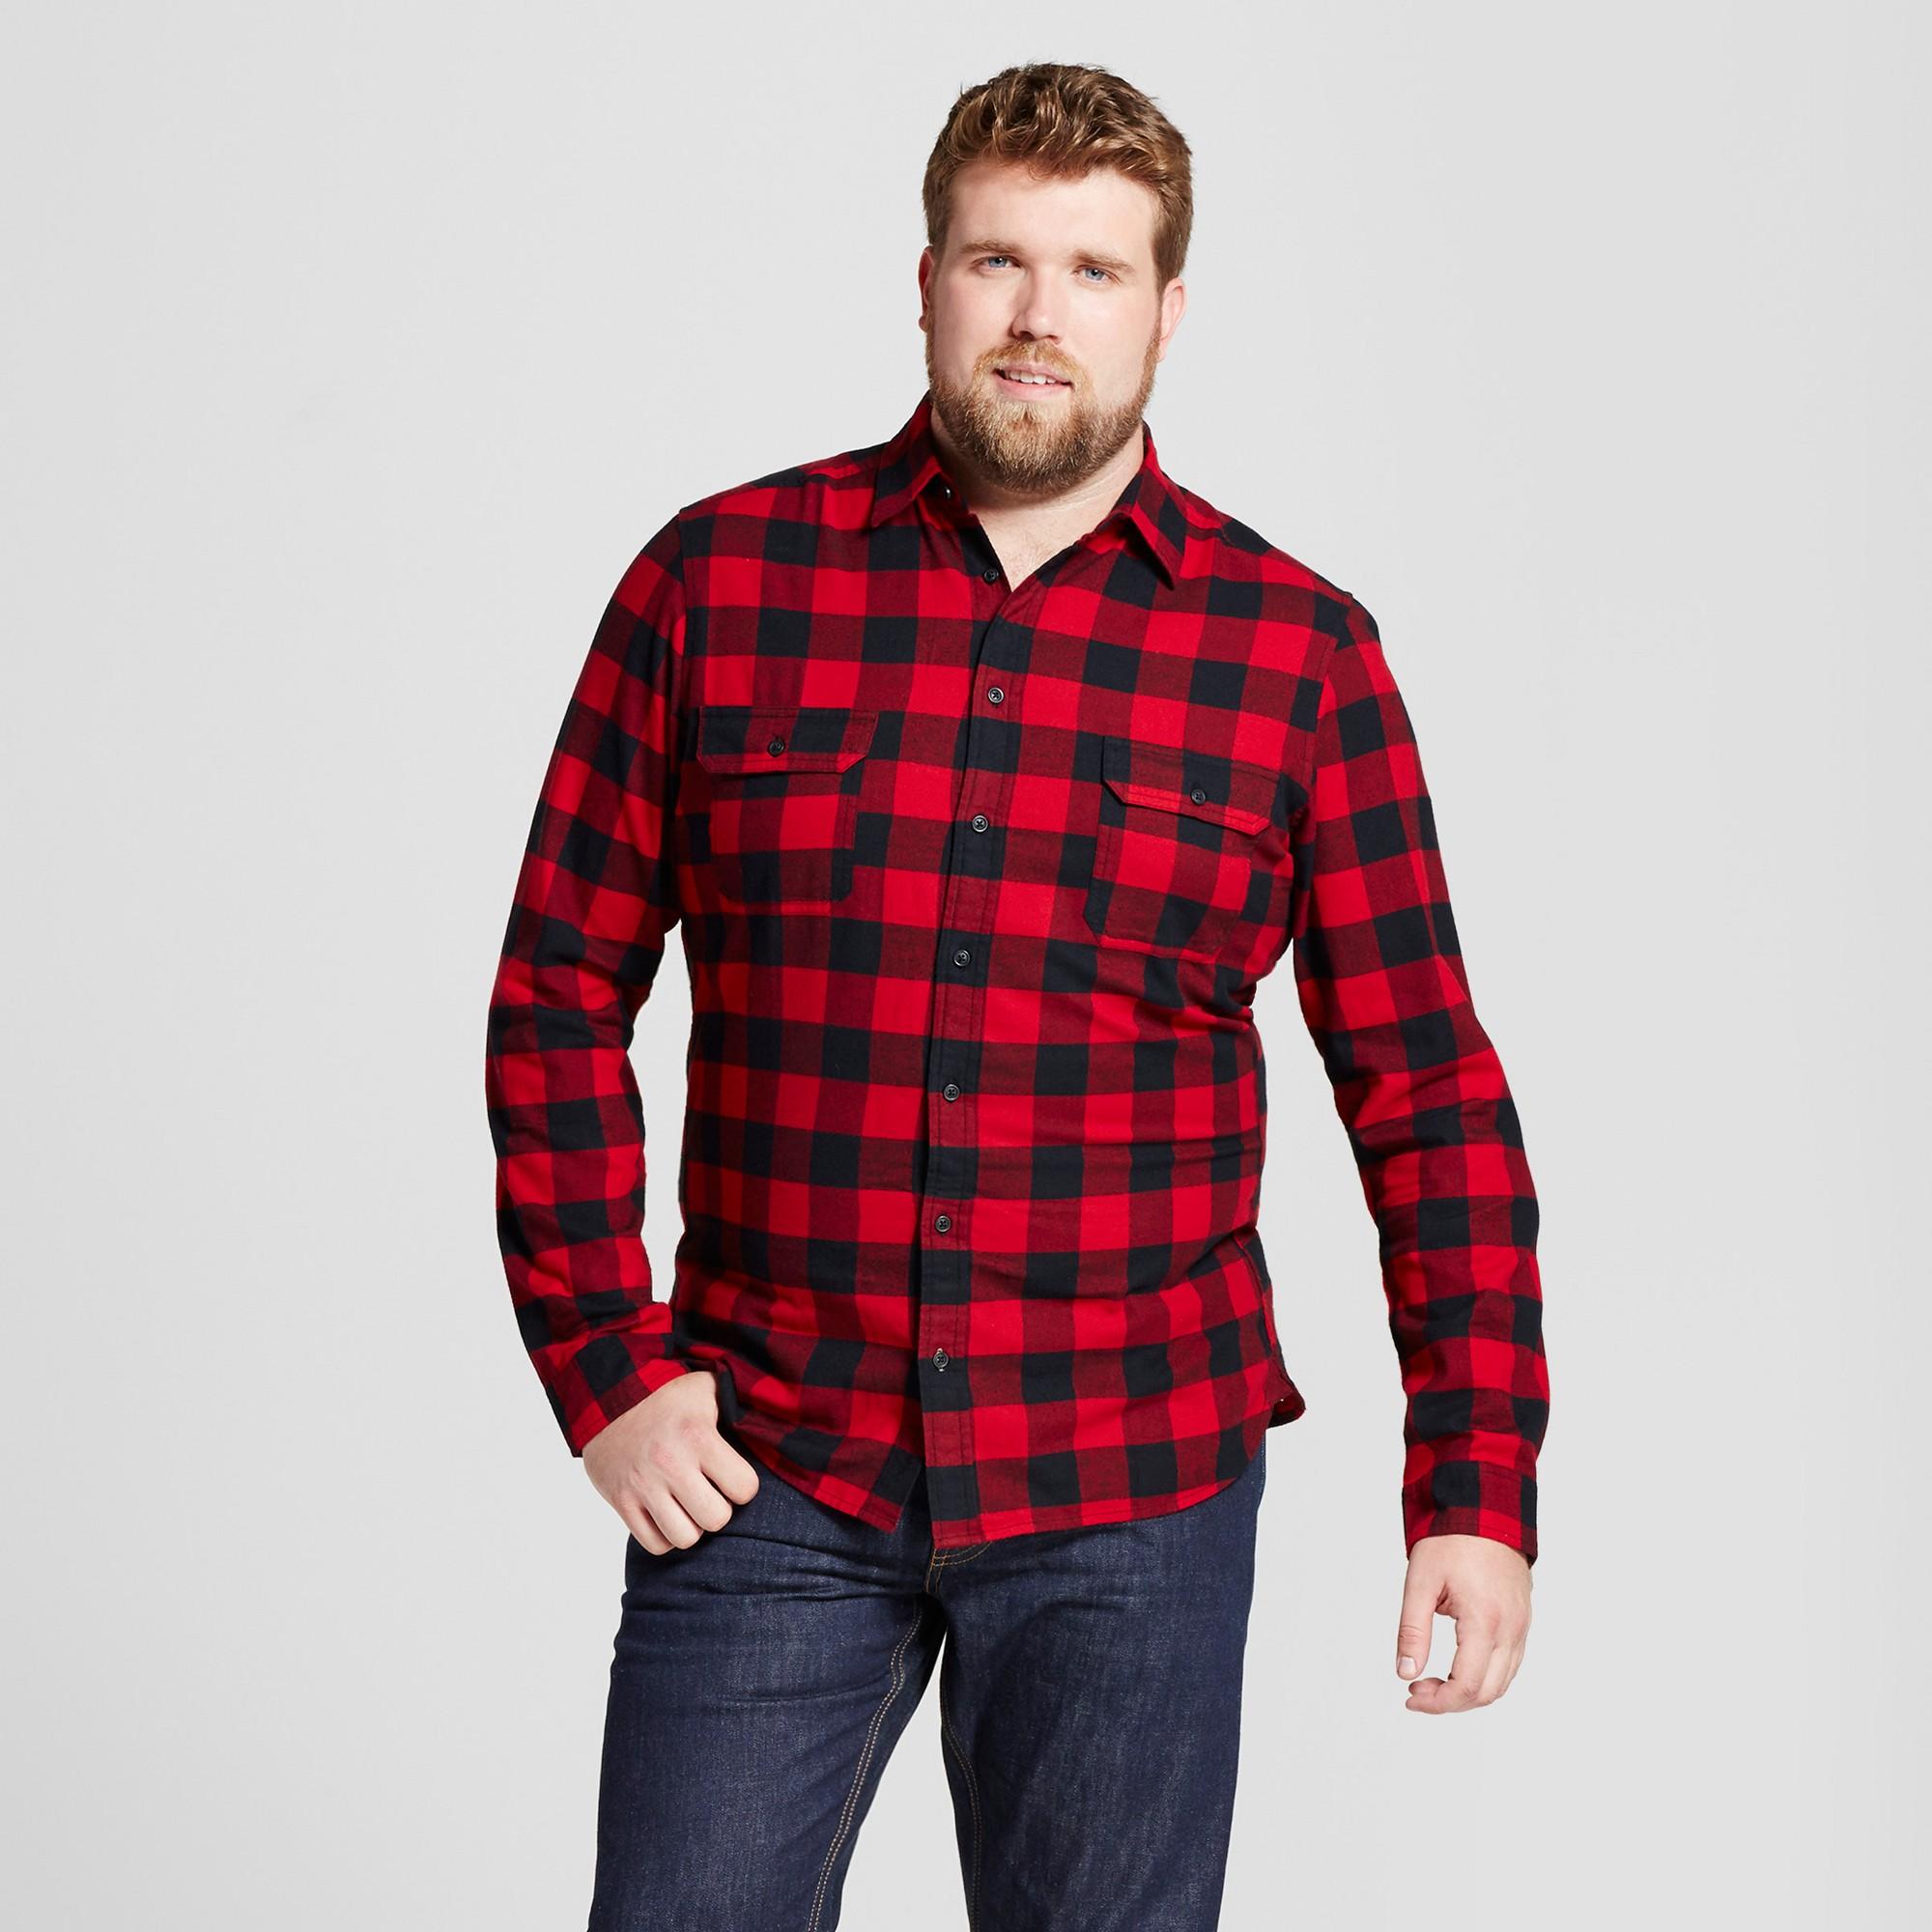 Flannel shirt men outfit  Menus Big u Tall Standard Fit Plaid Flannel Shirt  Goodfellow u Co